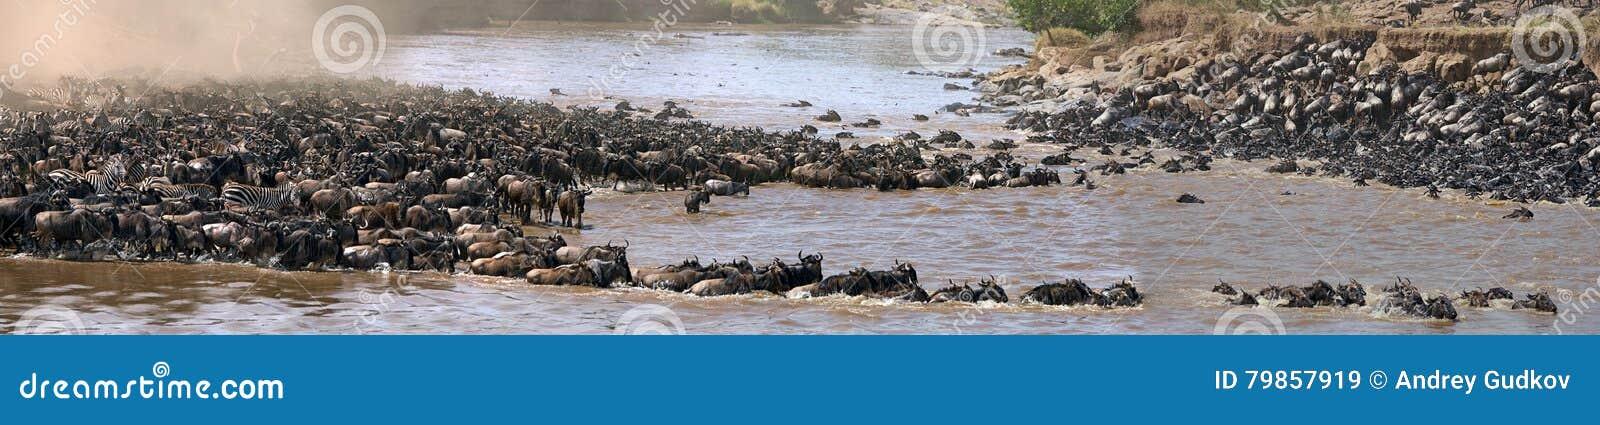 Gnus kreuzen Mara-Fluss Große Systemumstellung kenia tanzania Masai Mara National Park